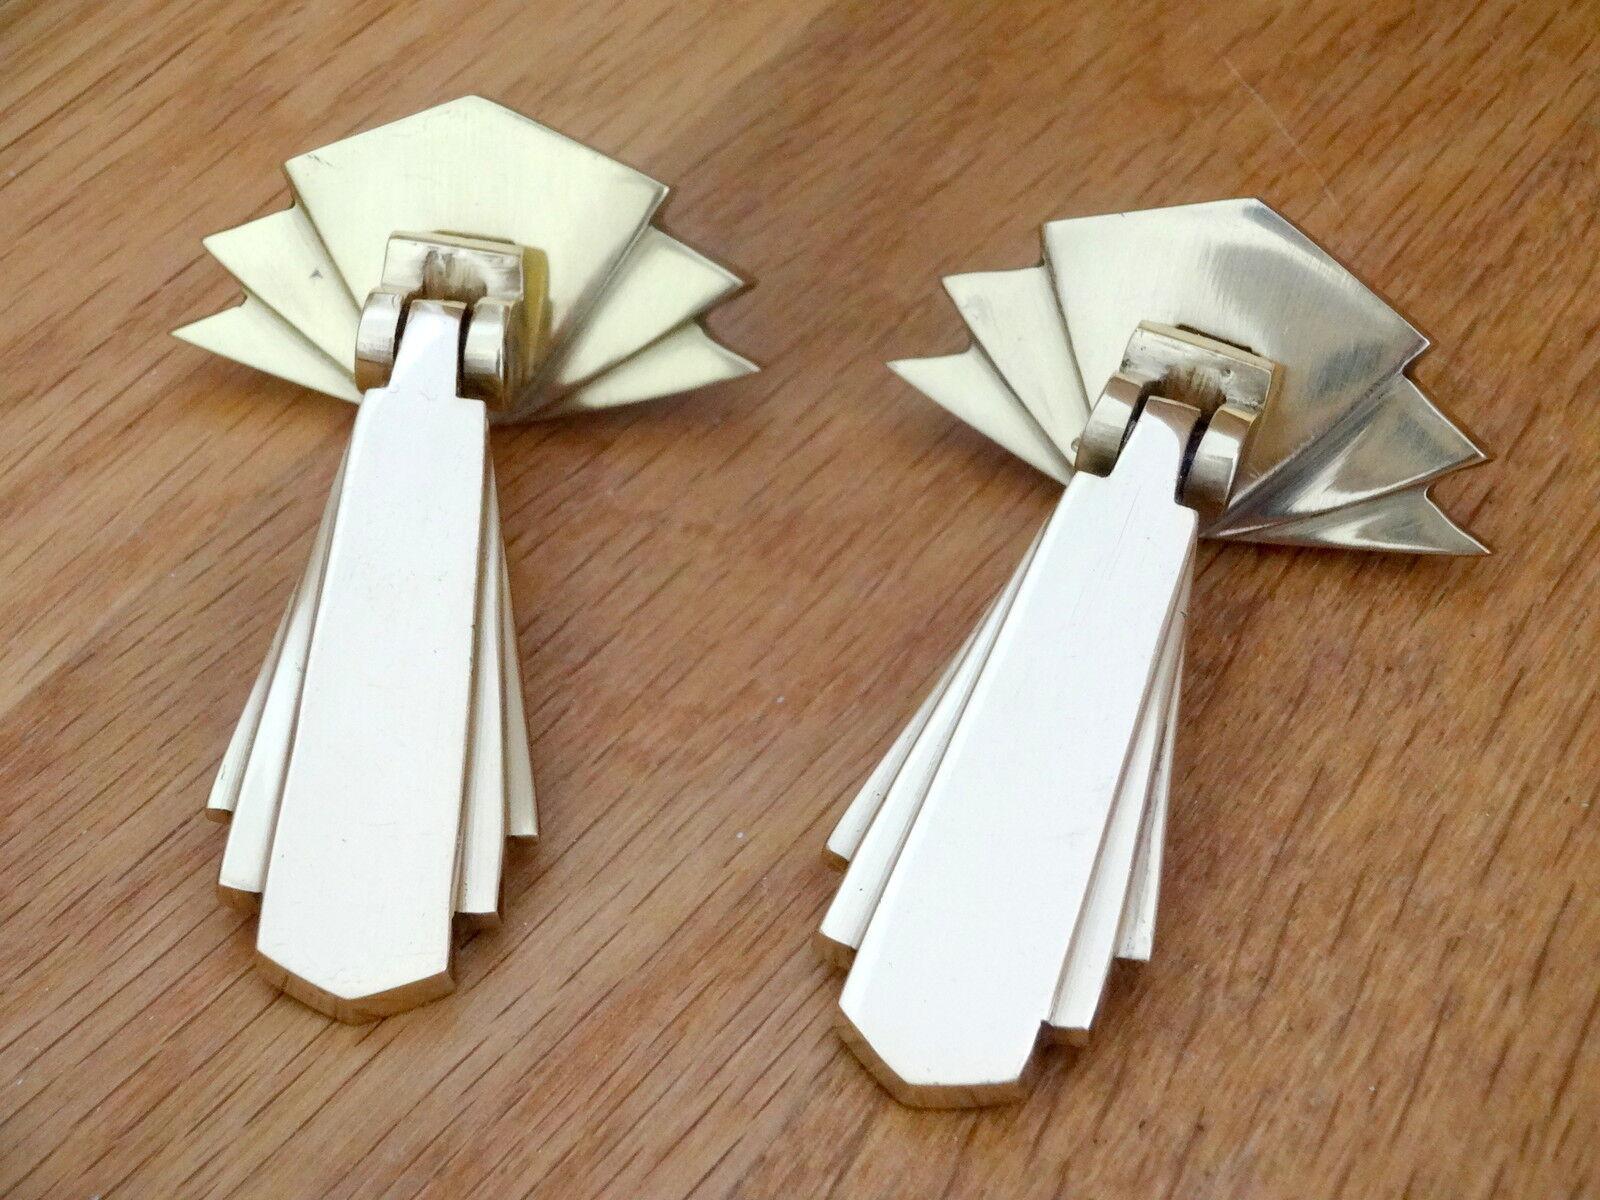 4 X Brass Art Deco Door Or Drawer Pull Drop Handles